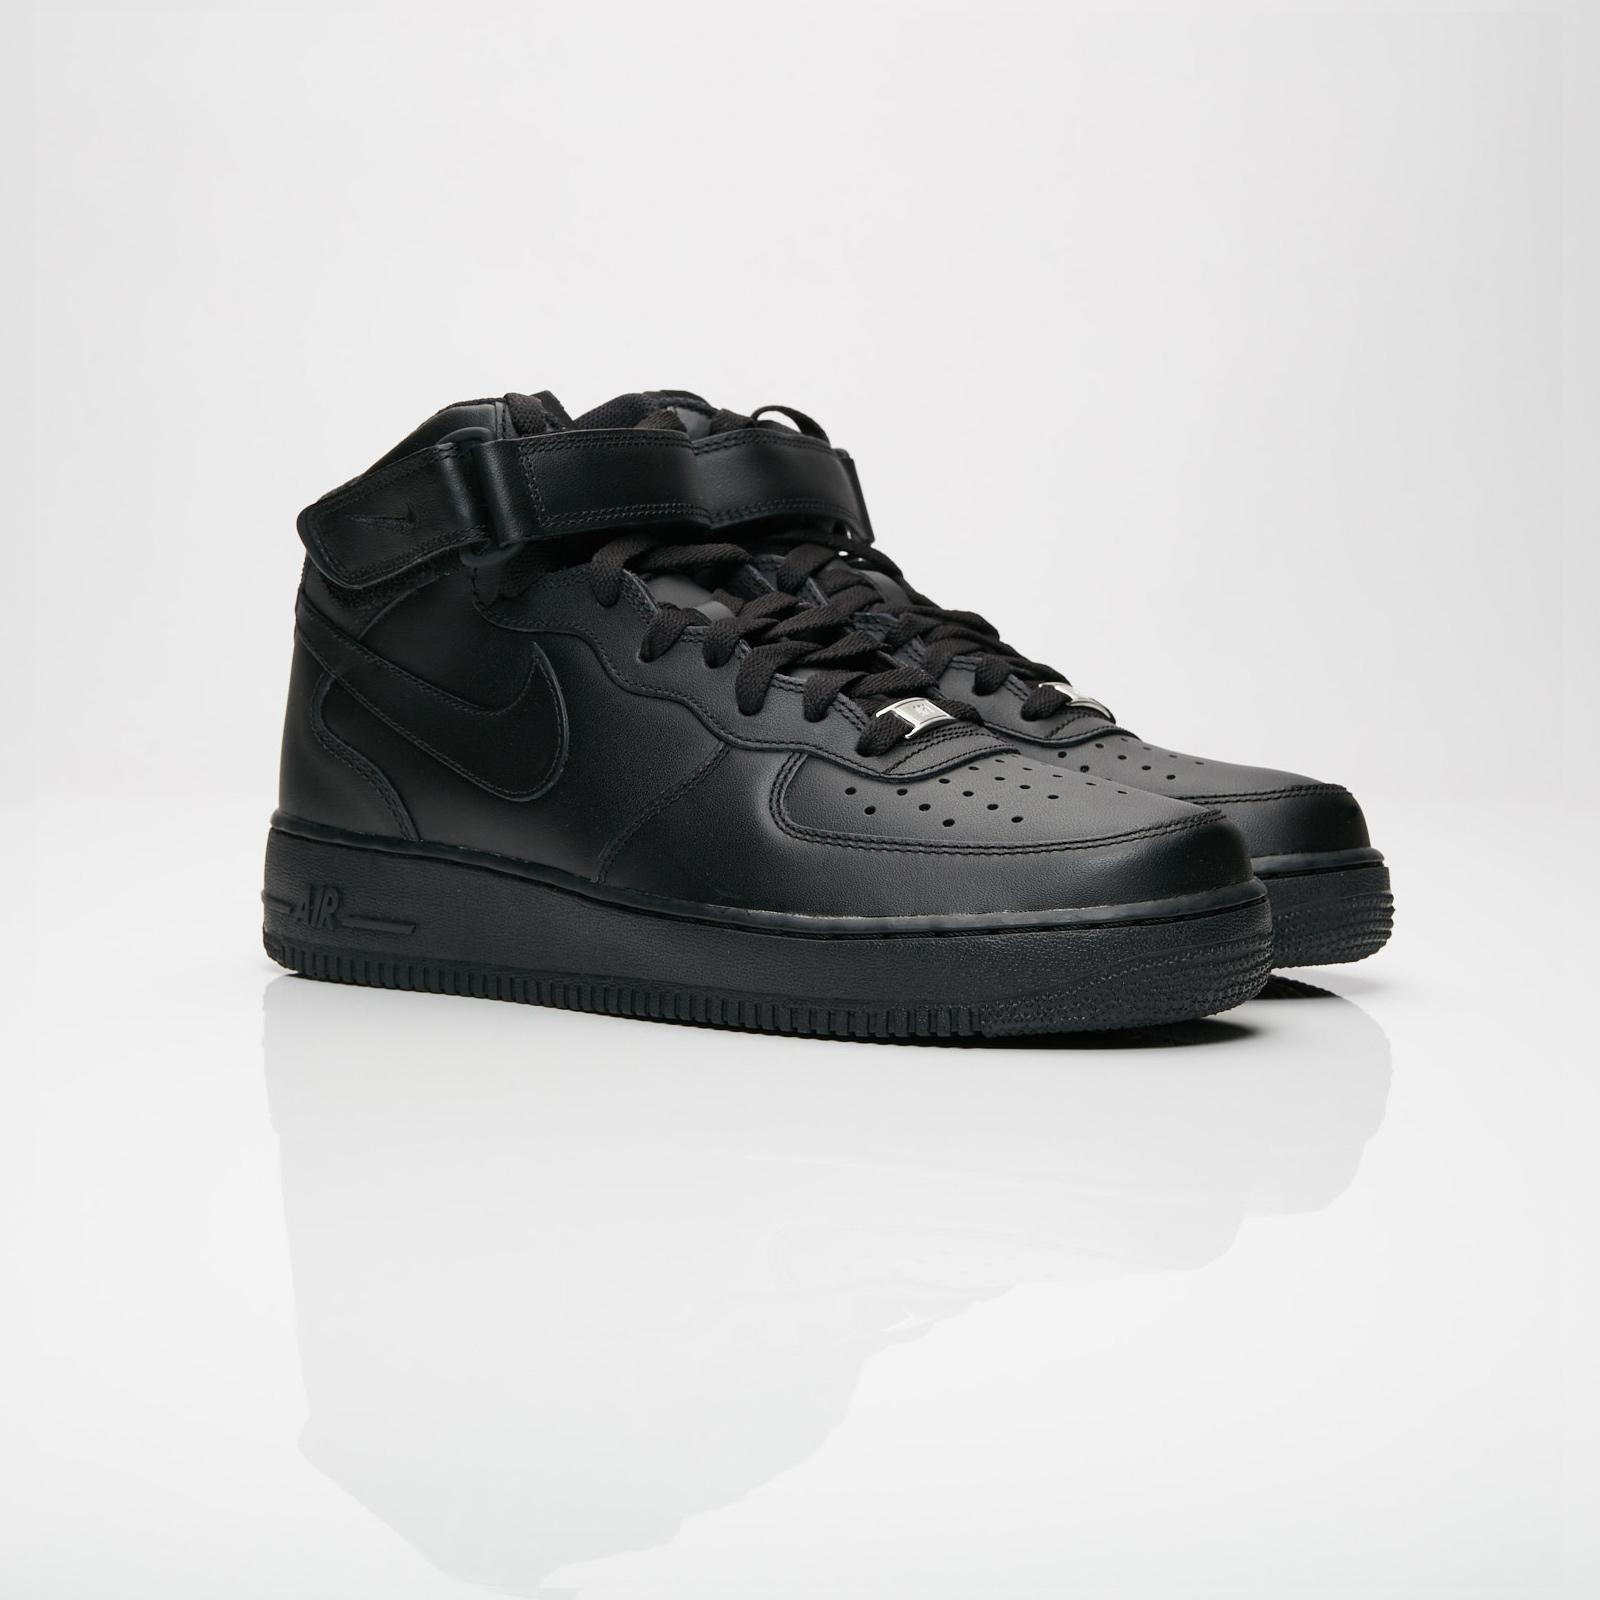 2b93b190c Nike Air Force 1 Mid 07 - 315123-001 - Sneakersnstuff | sneakers ...